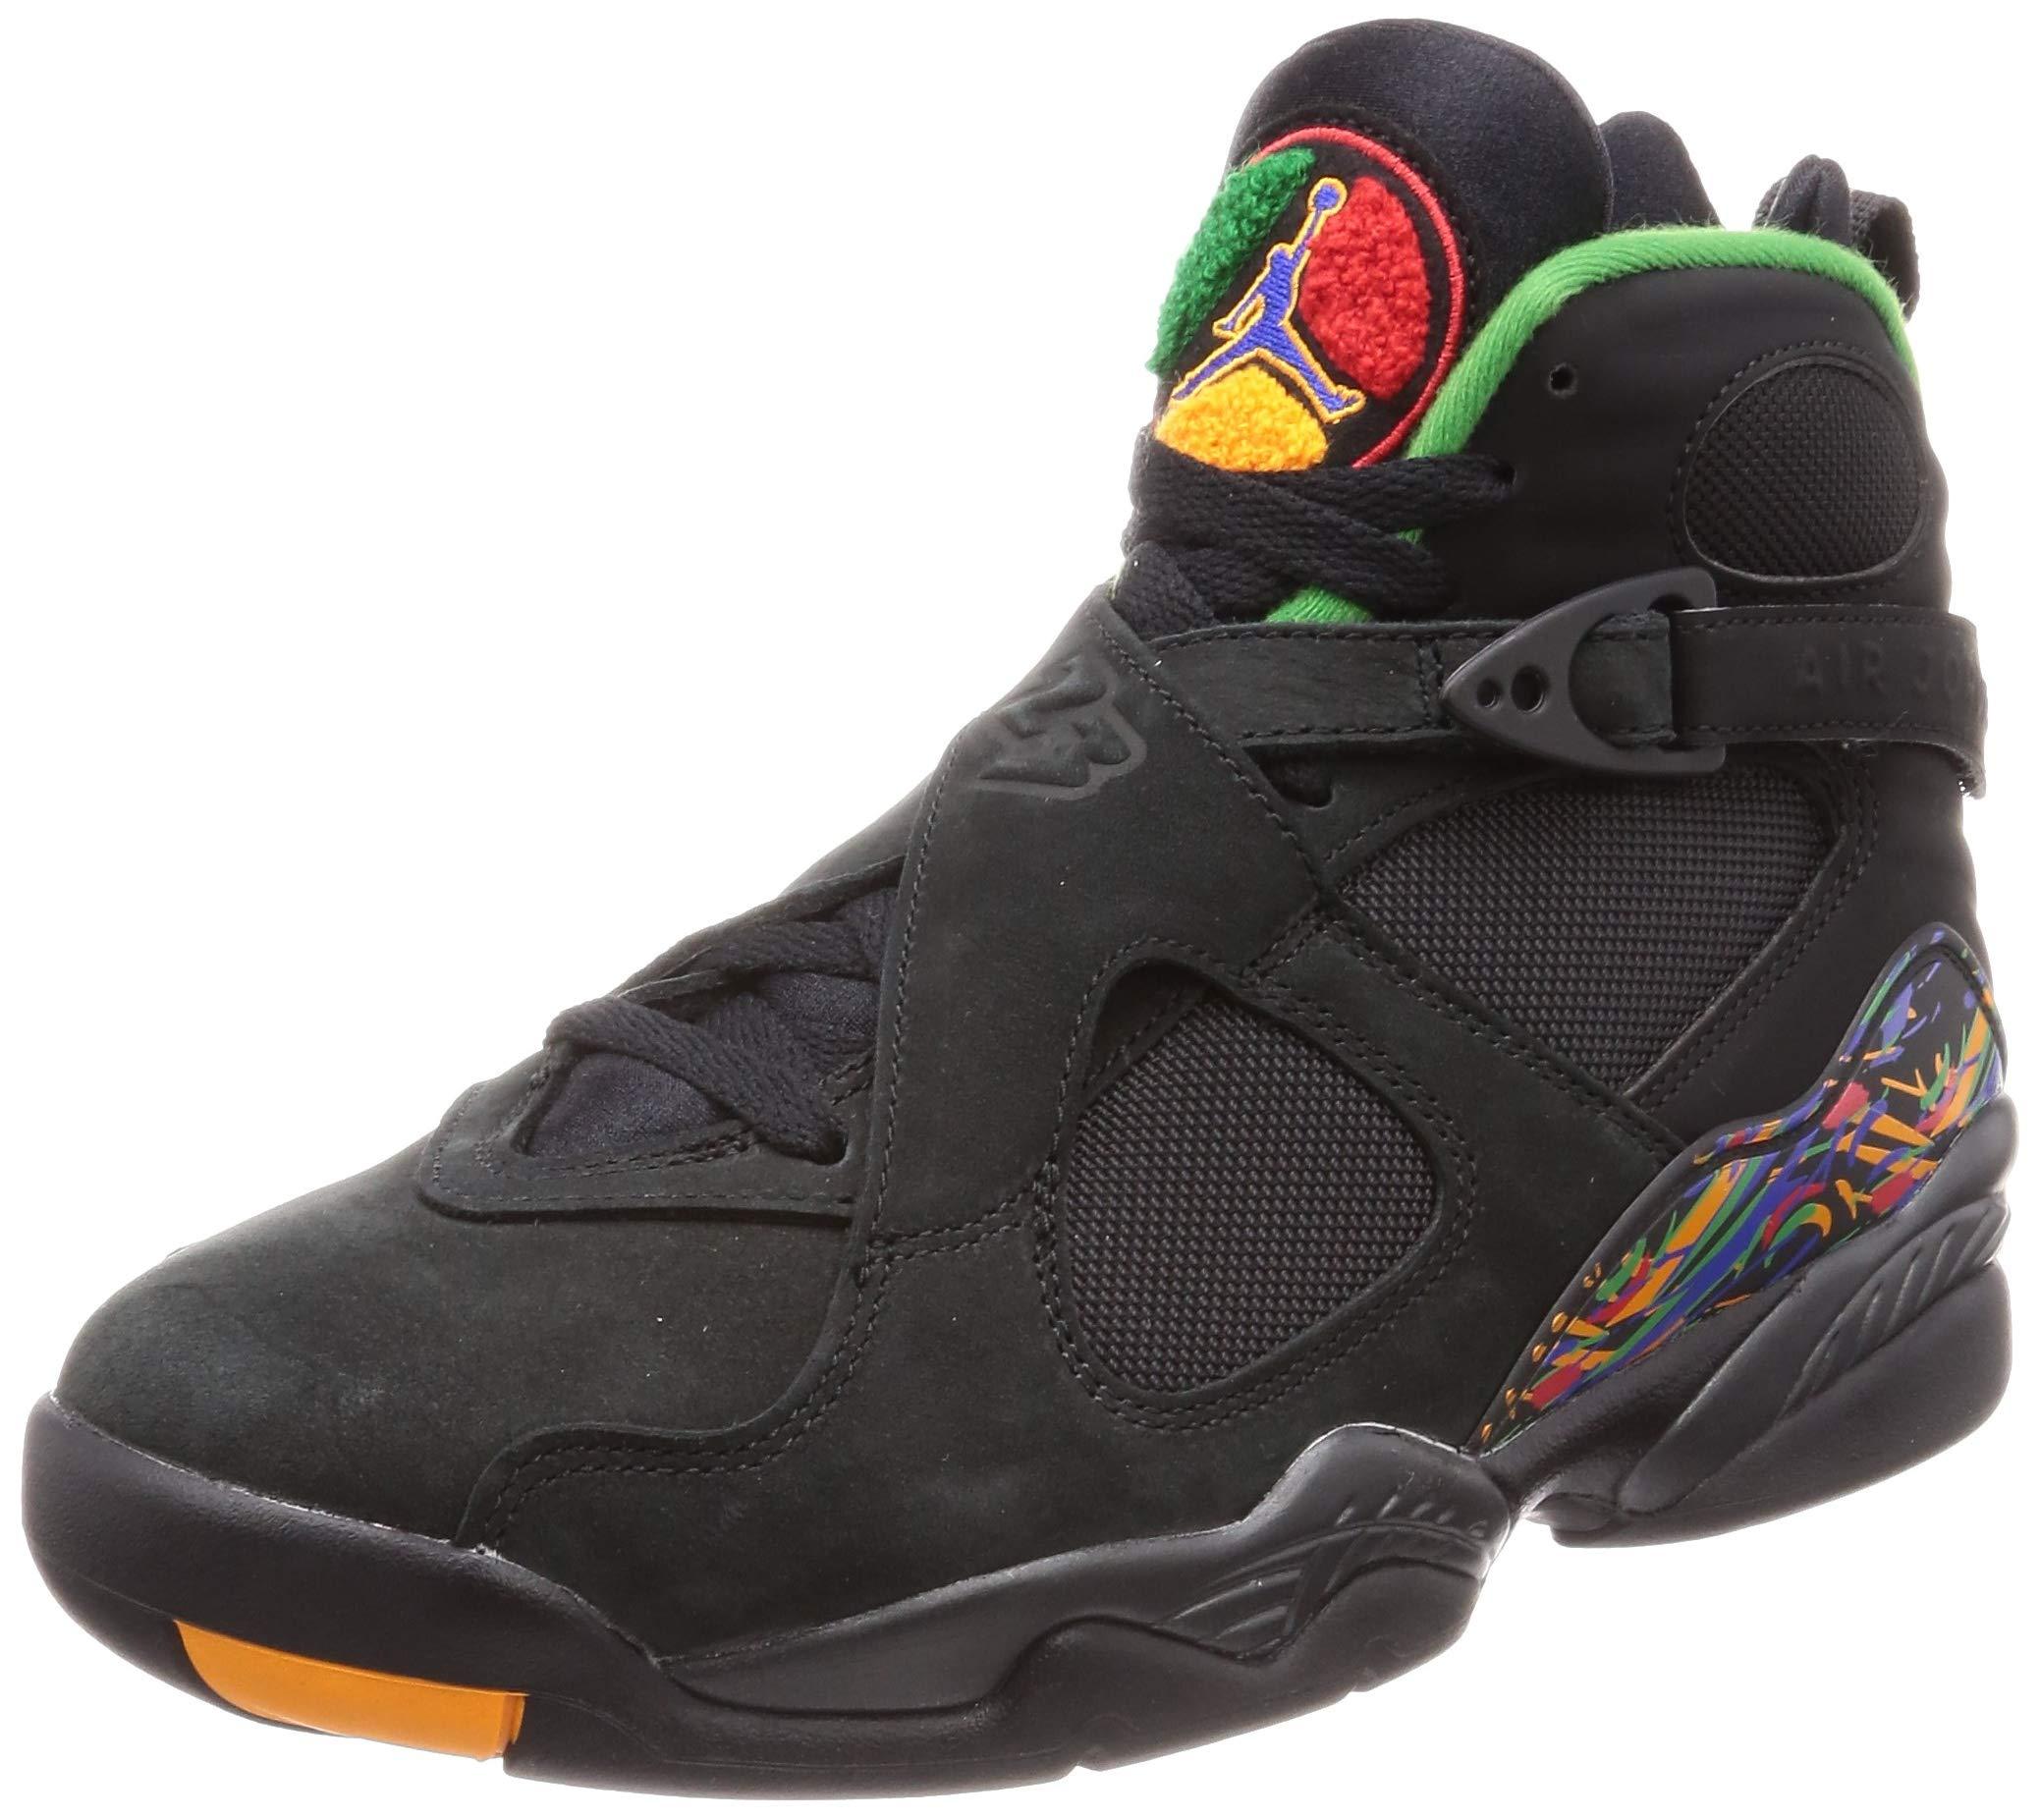 0f8b19fc3f2 Galleon - Jordan 8 Retro Men's Shoes Black/Light Concord/Aloe Verde Noir  305381-004 (9.5 D(M) US)